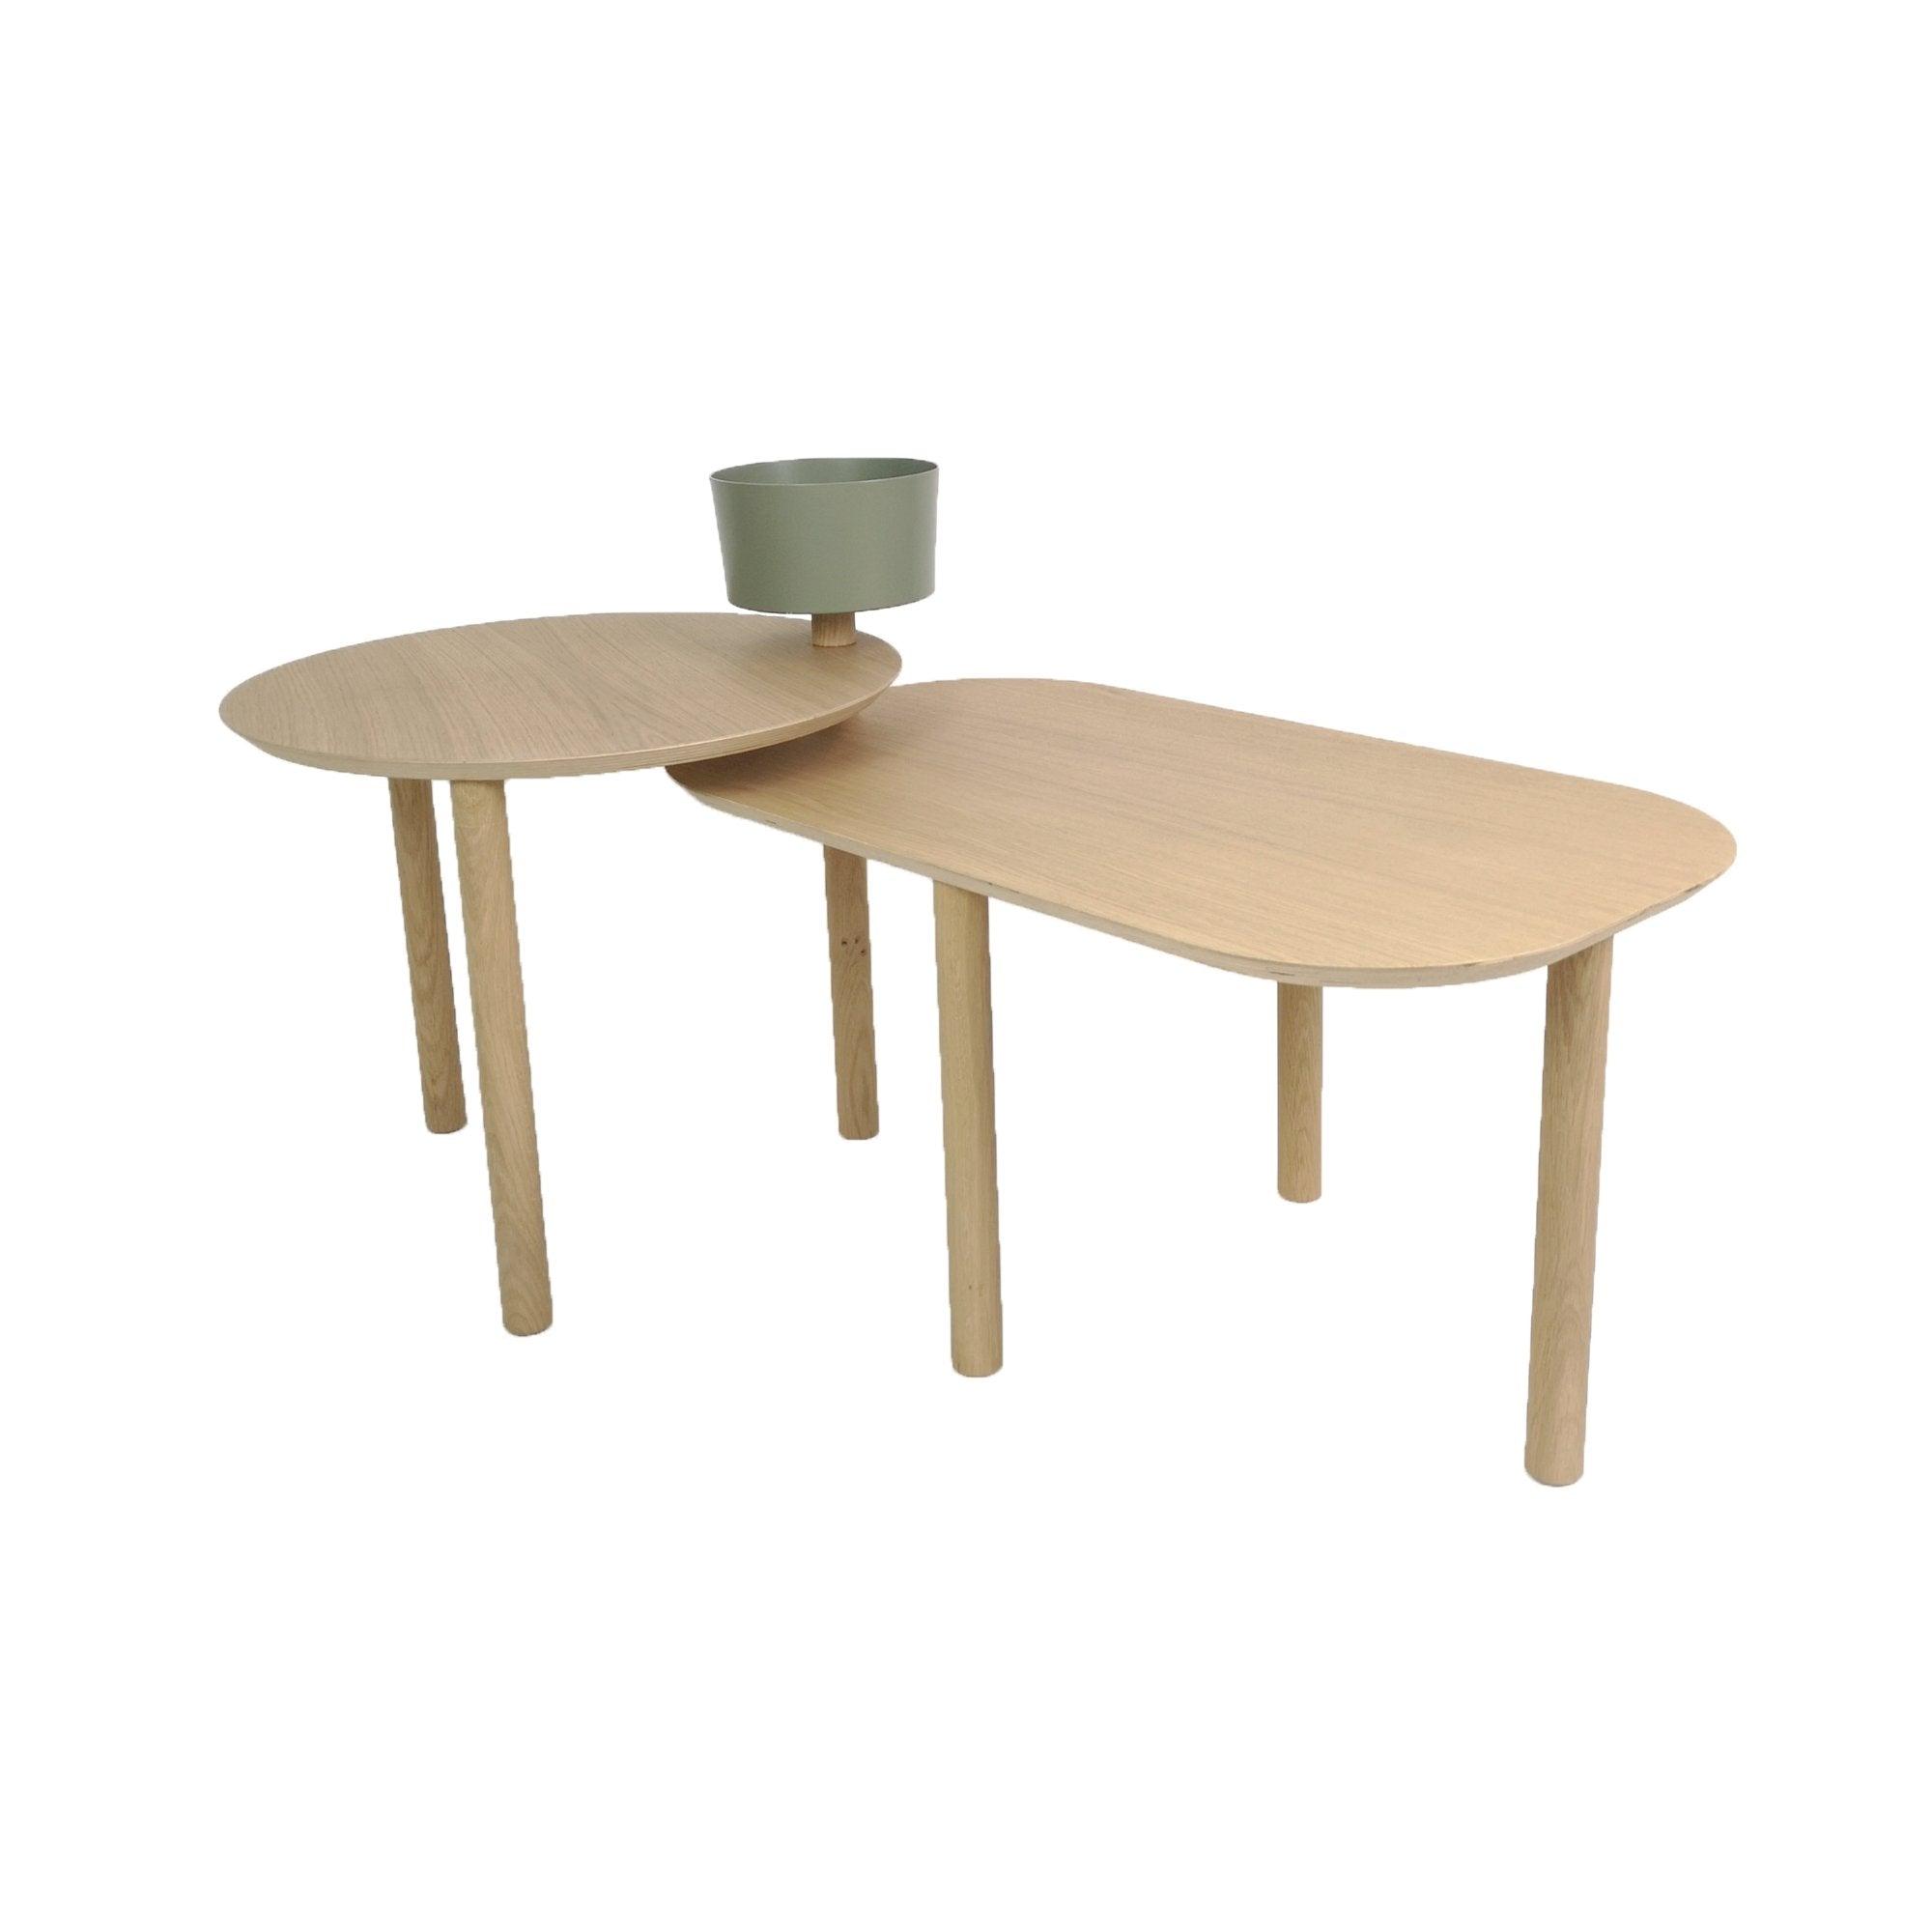 DIZY design Table basse avec un bol et plateau pivotant en chne et métal vert